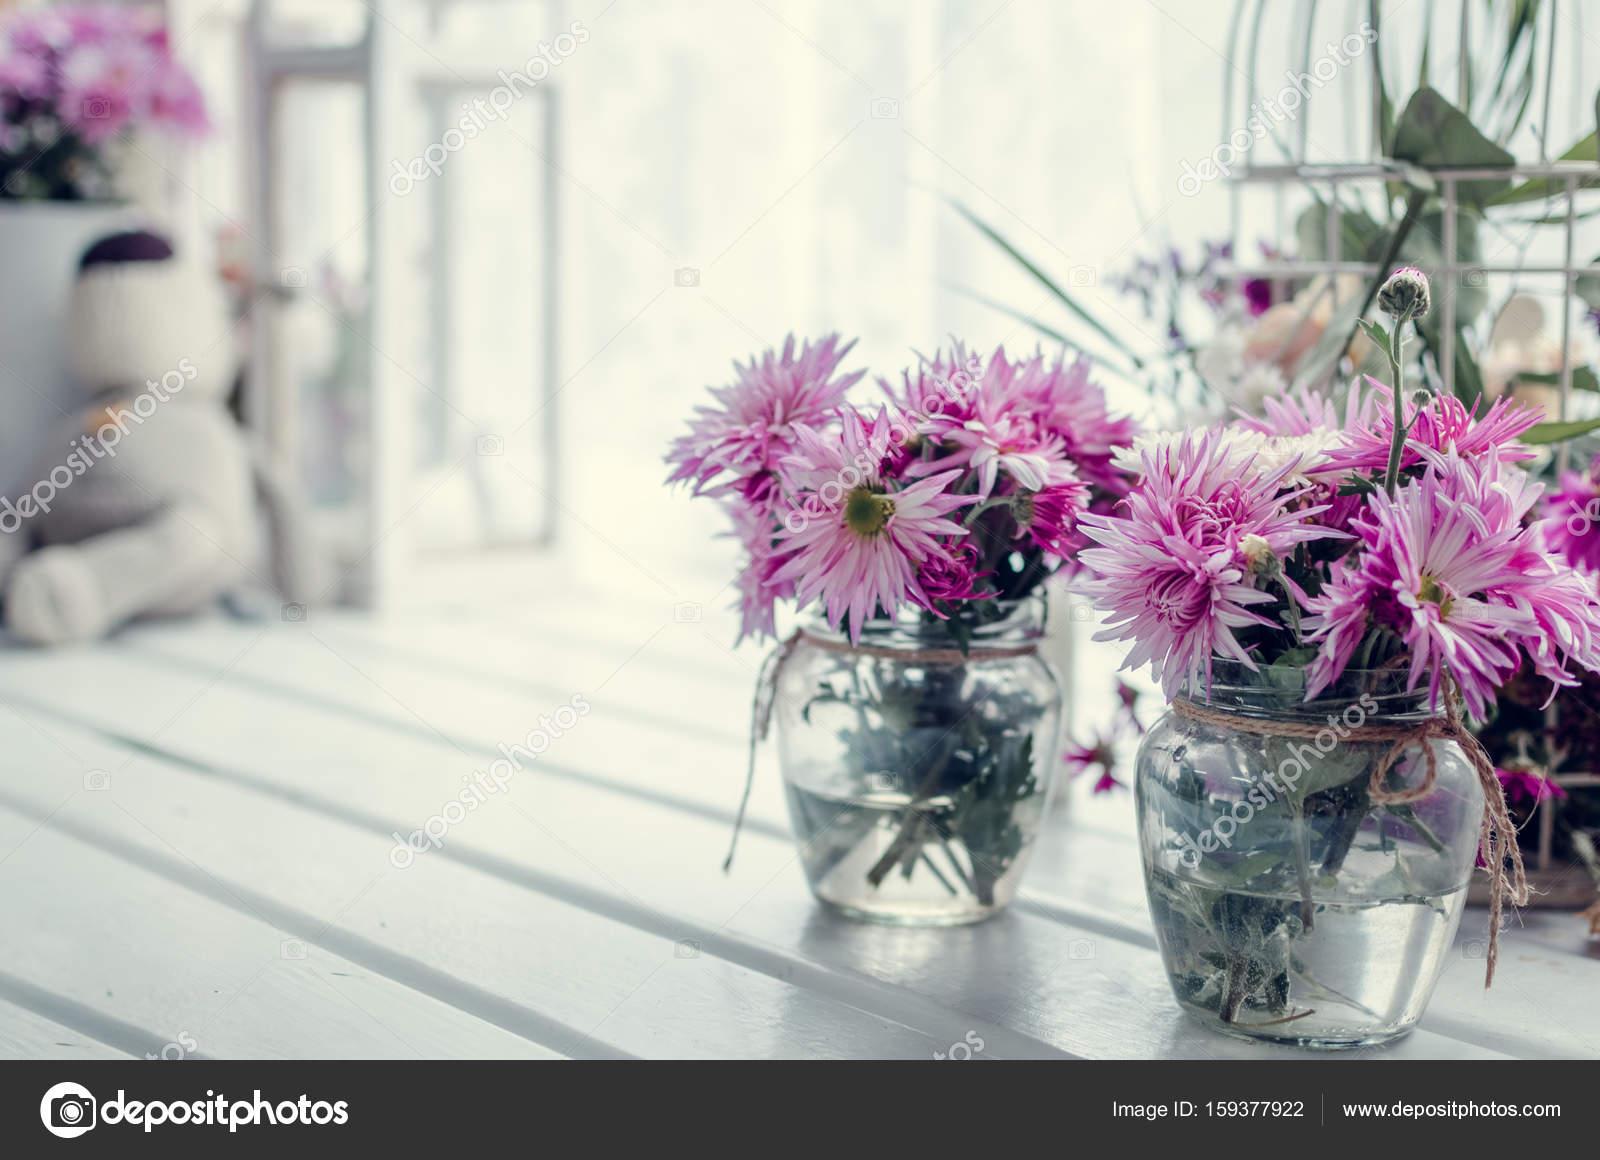 Paarse Decoratie Woonkamer : Roze en paarse bloemen in de buurt van het venster u stockfoto